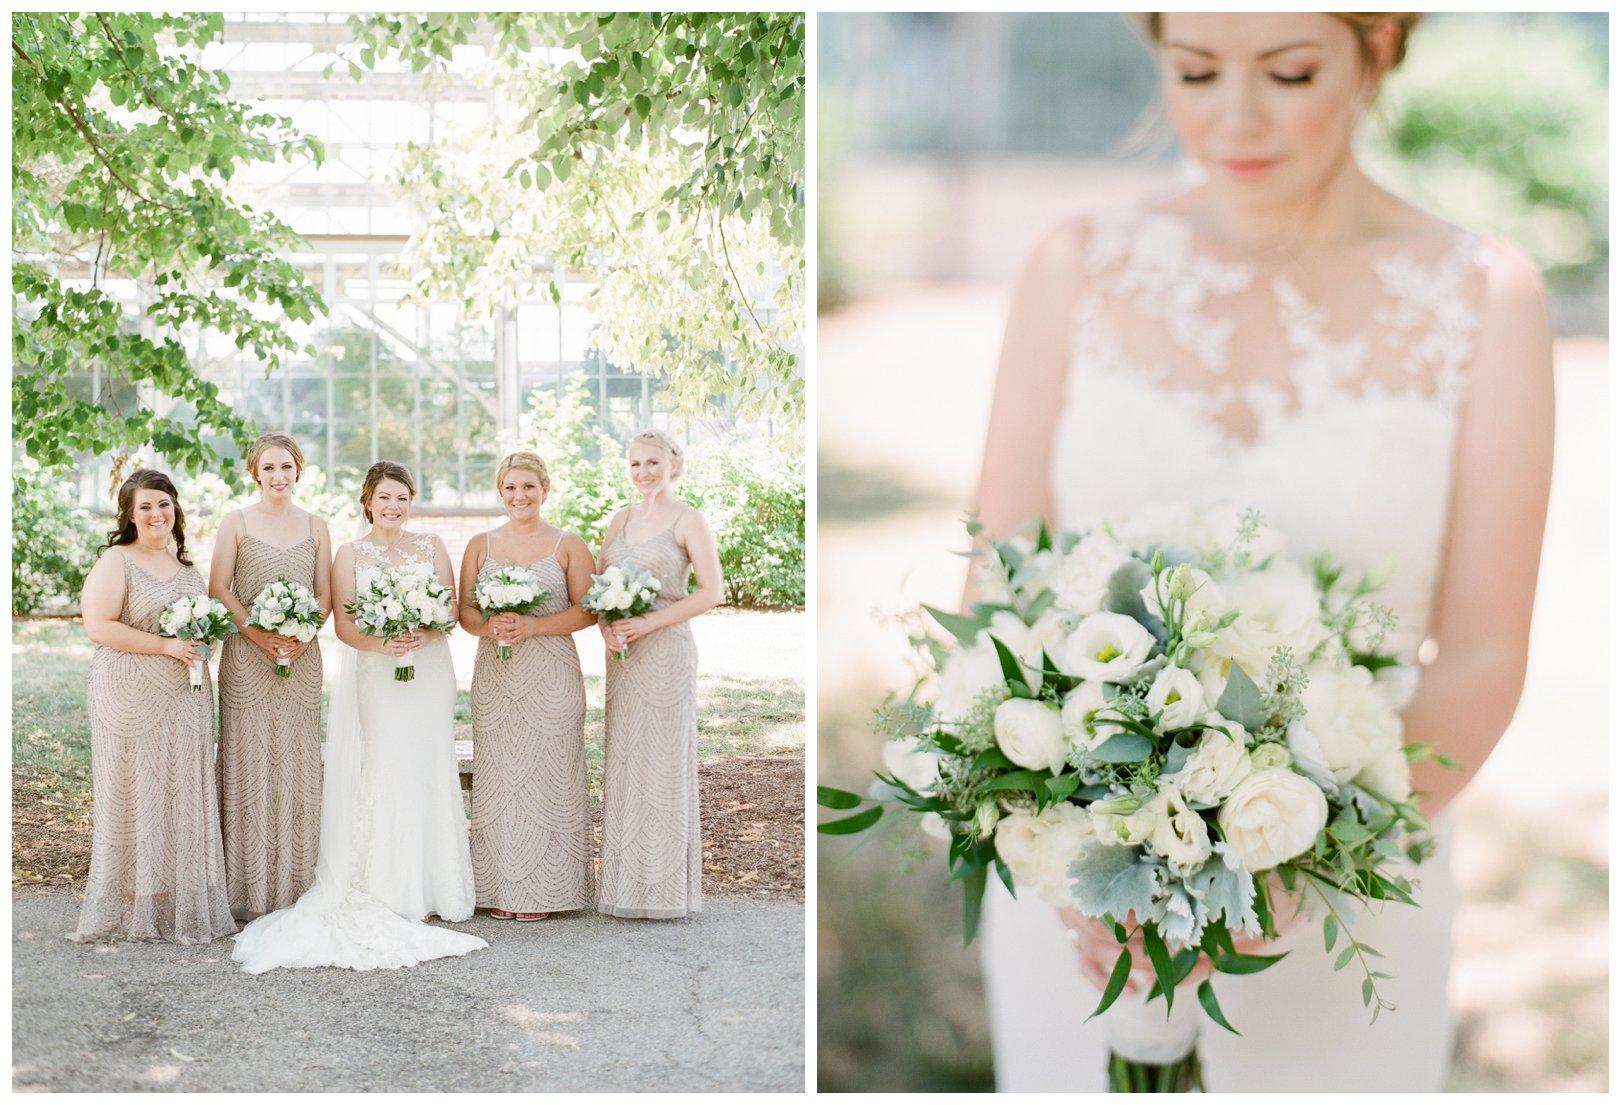 lauren muckler photography_fine art film wedding photography_st louis_photography_1309.jpg